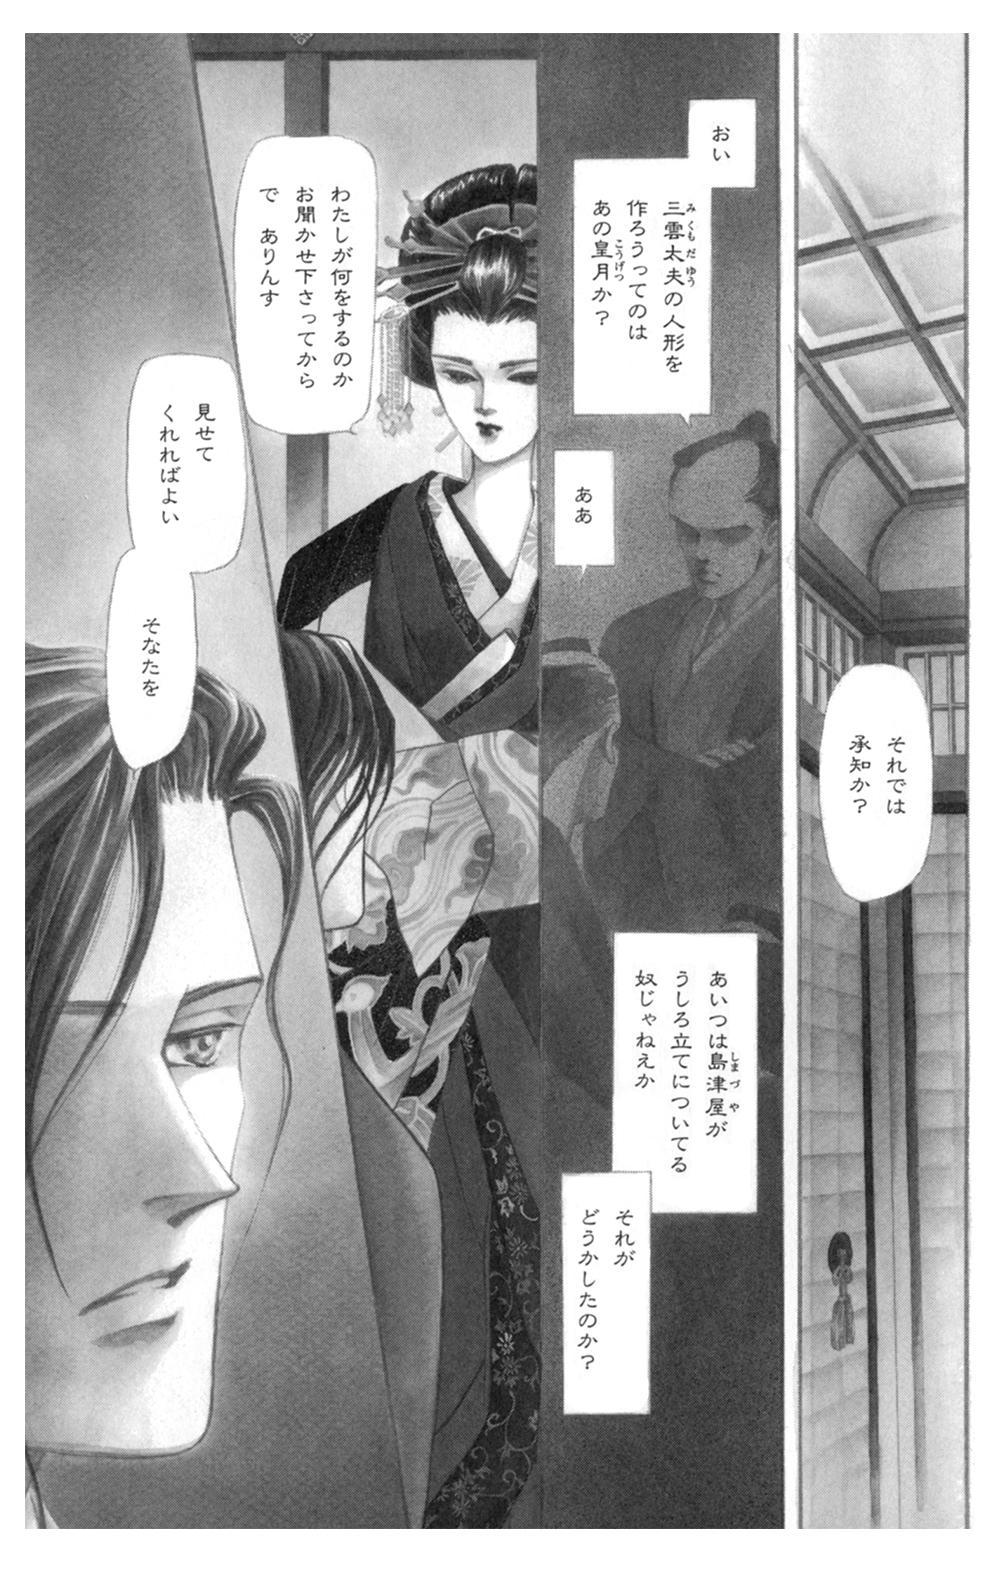 雨柳堂夢咄 第5話「花に暮れる」①uryudo01-116.jpg